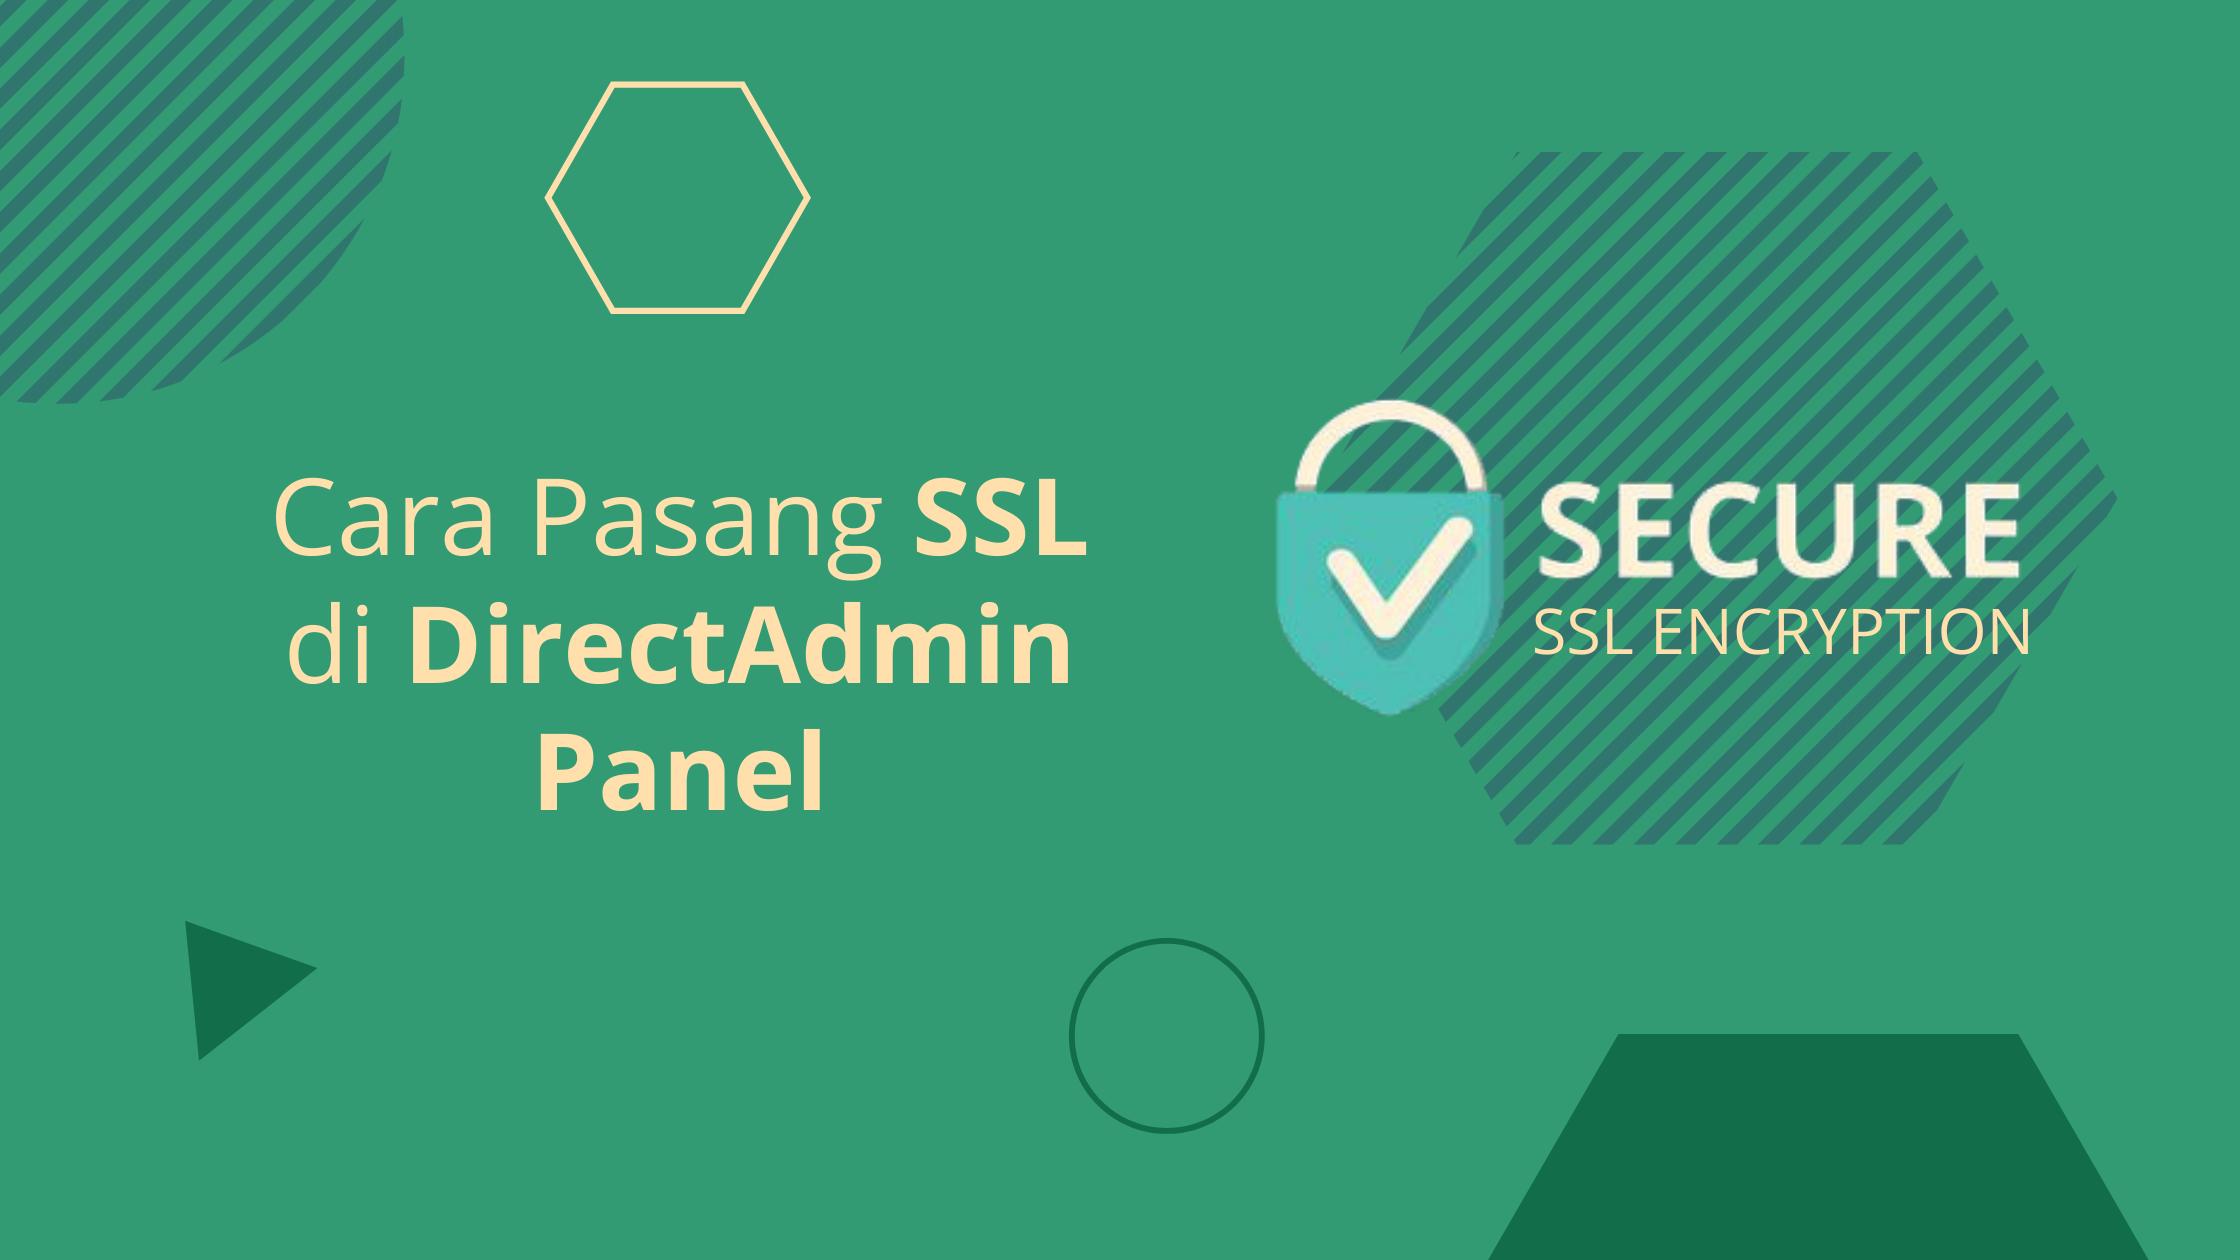 Cara Pasang SSL di DirectAdmin Panel